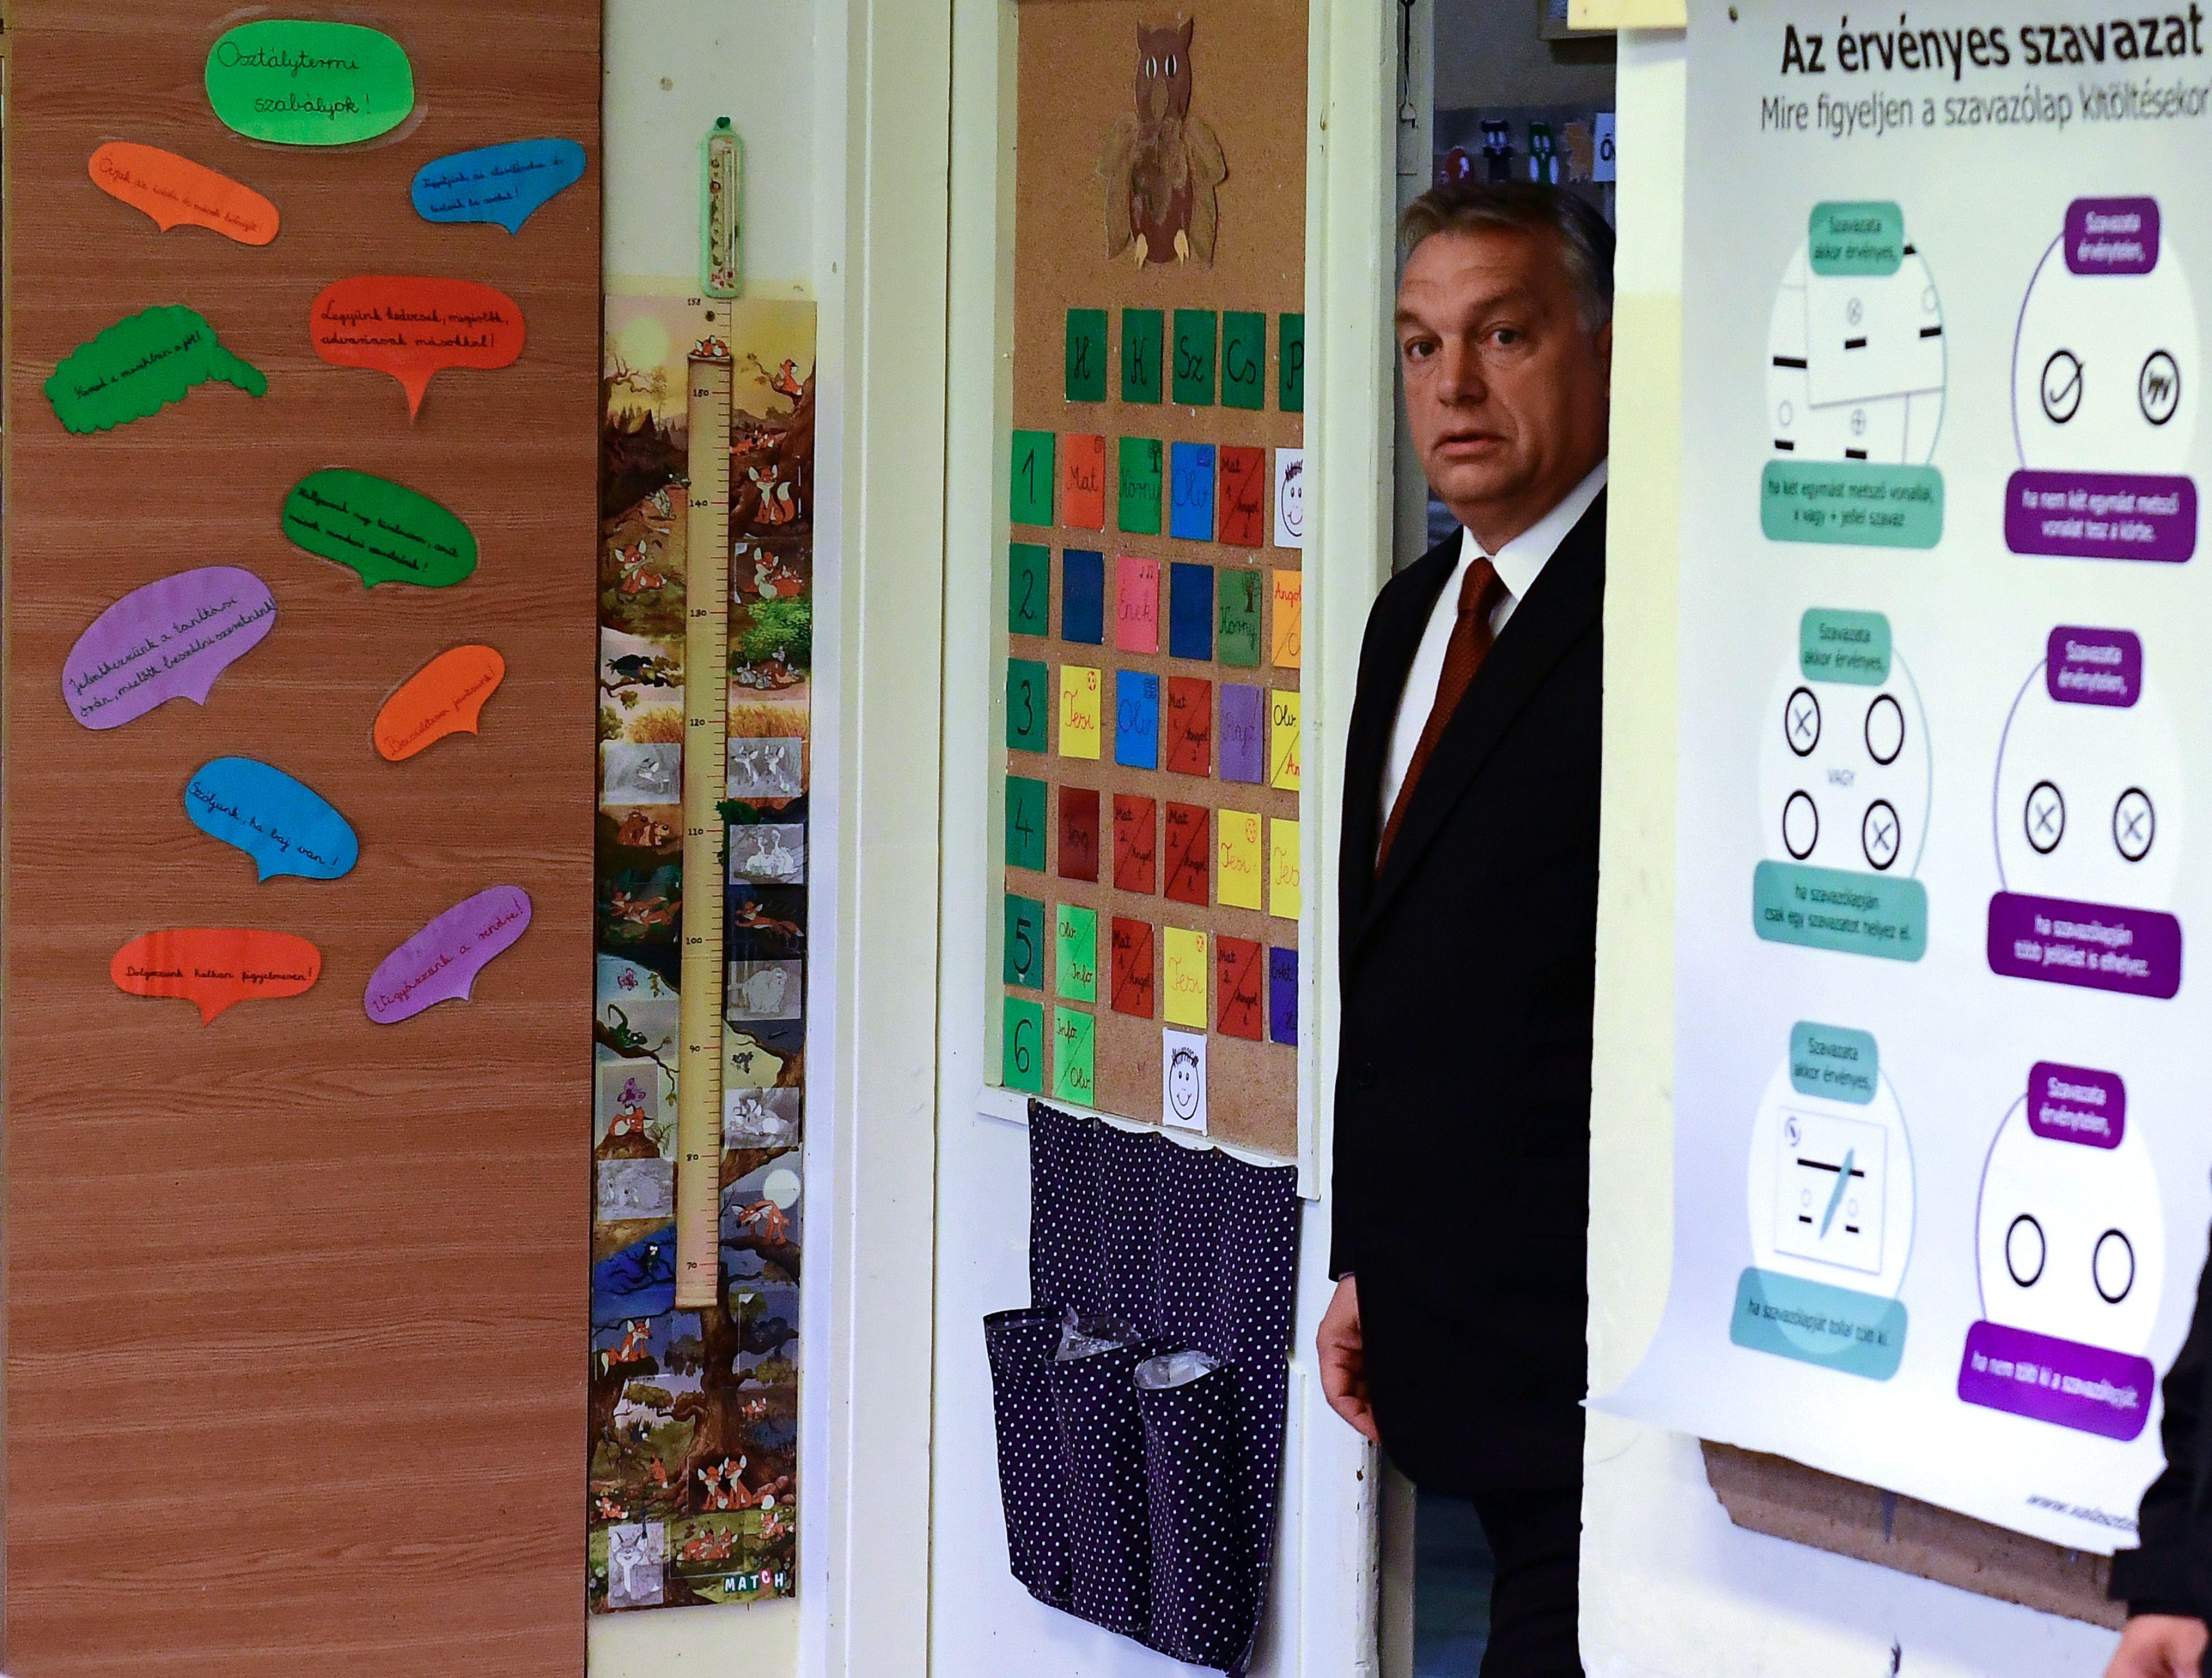 Hogyan jutott el Orbán a száz százalékos részvétel álmától addig, hogy minden mindegy